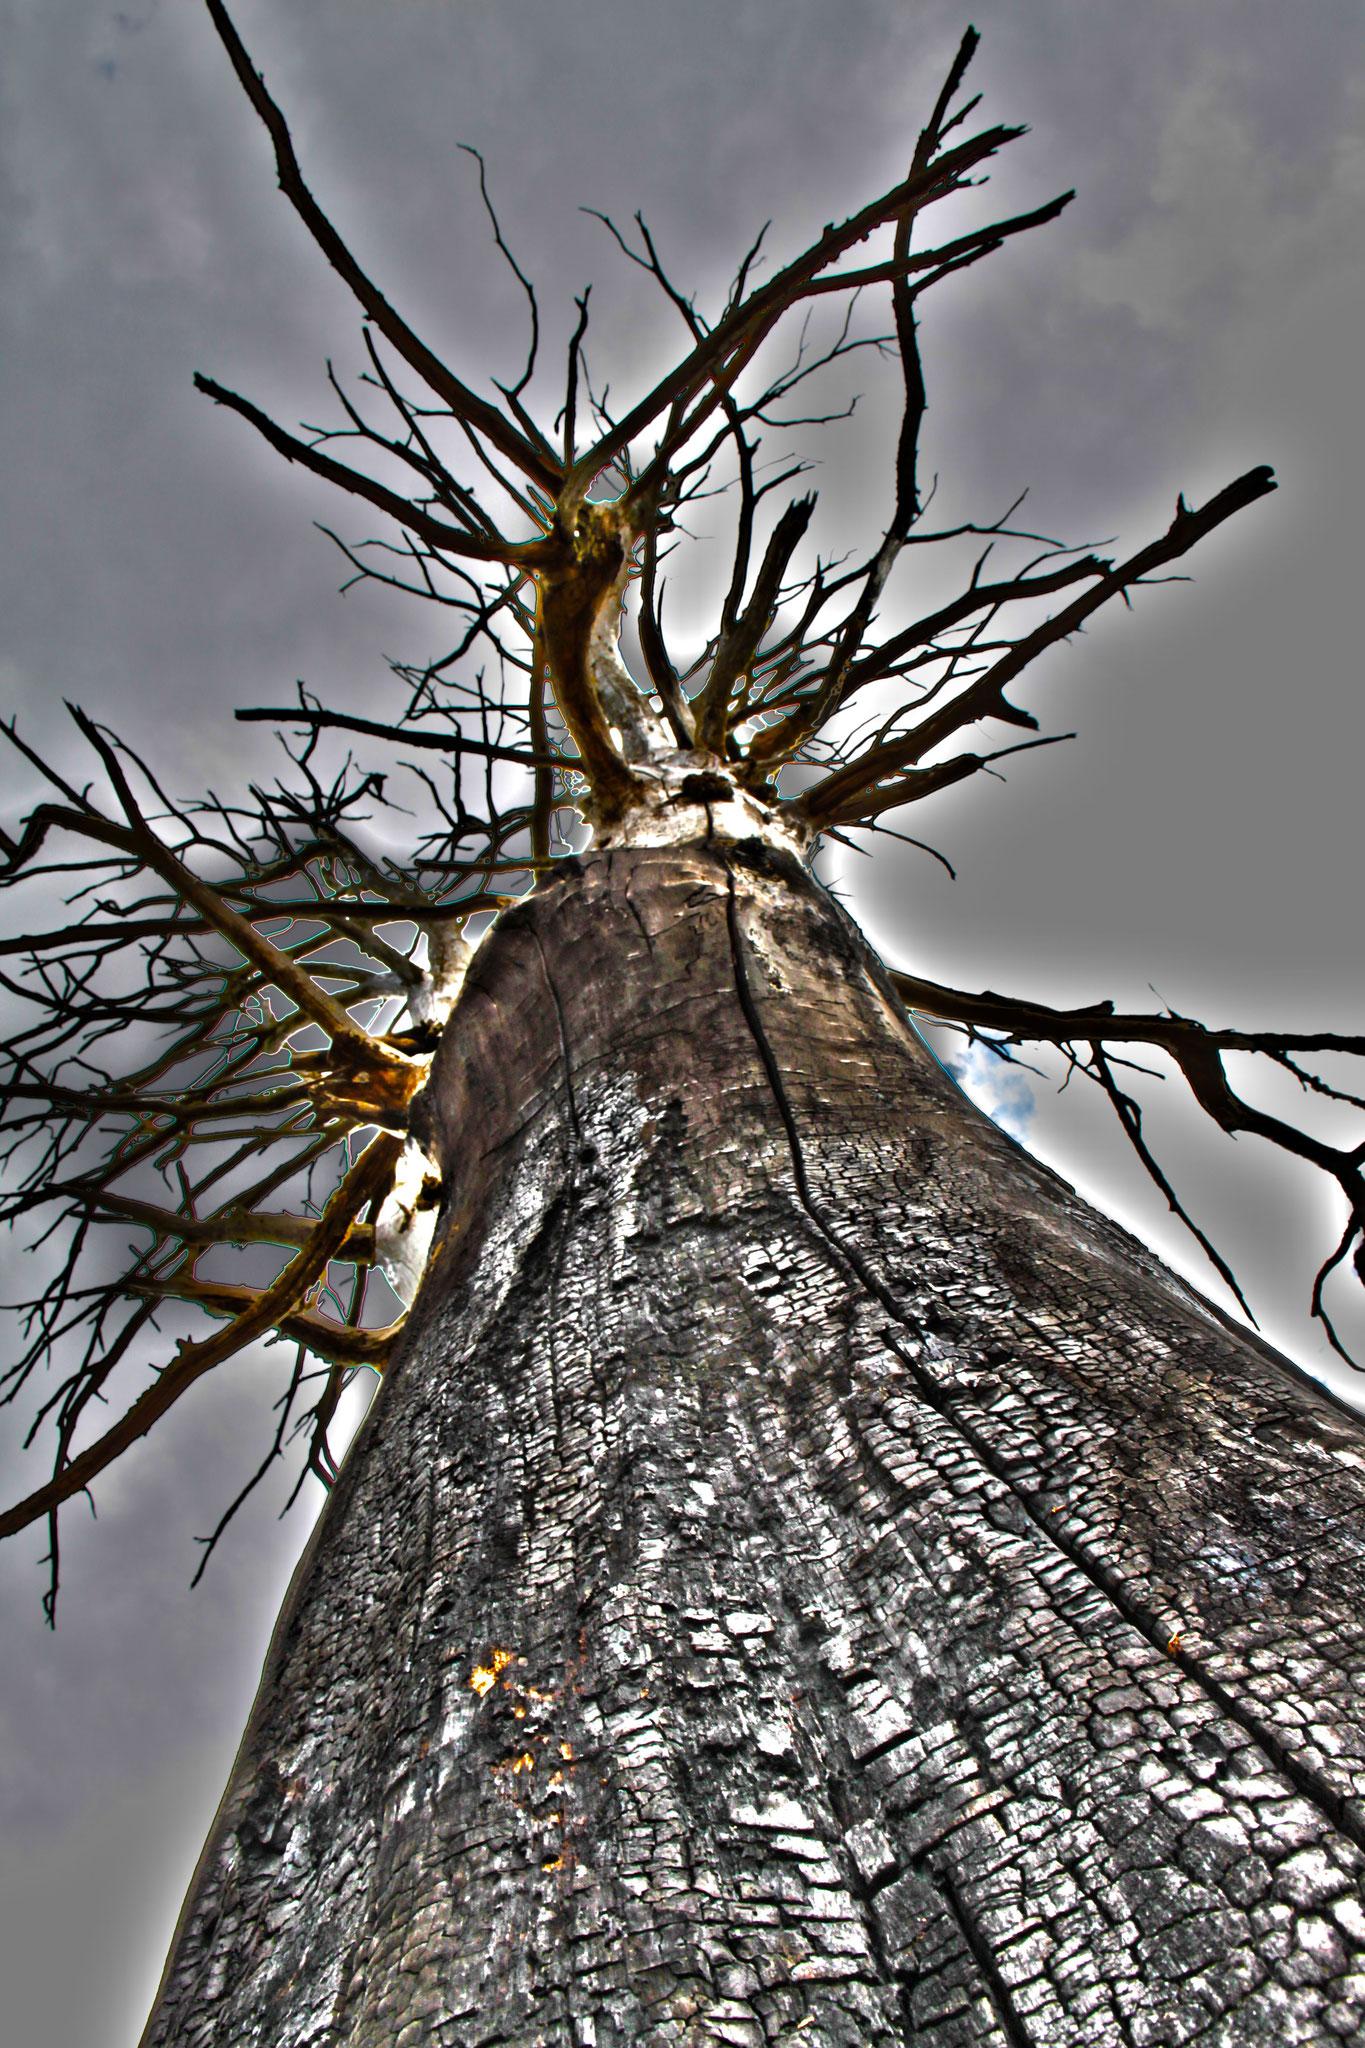 L'arbre brulé